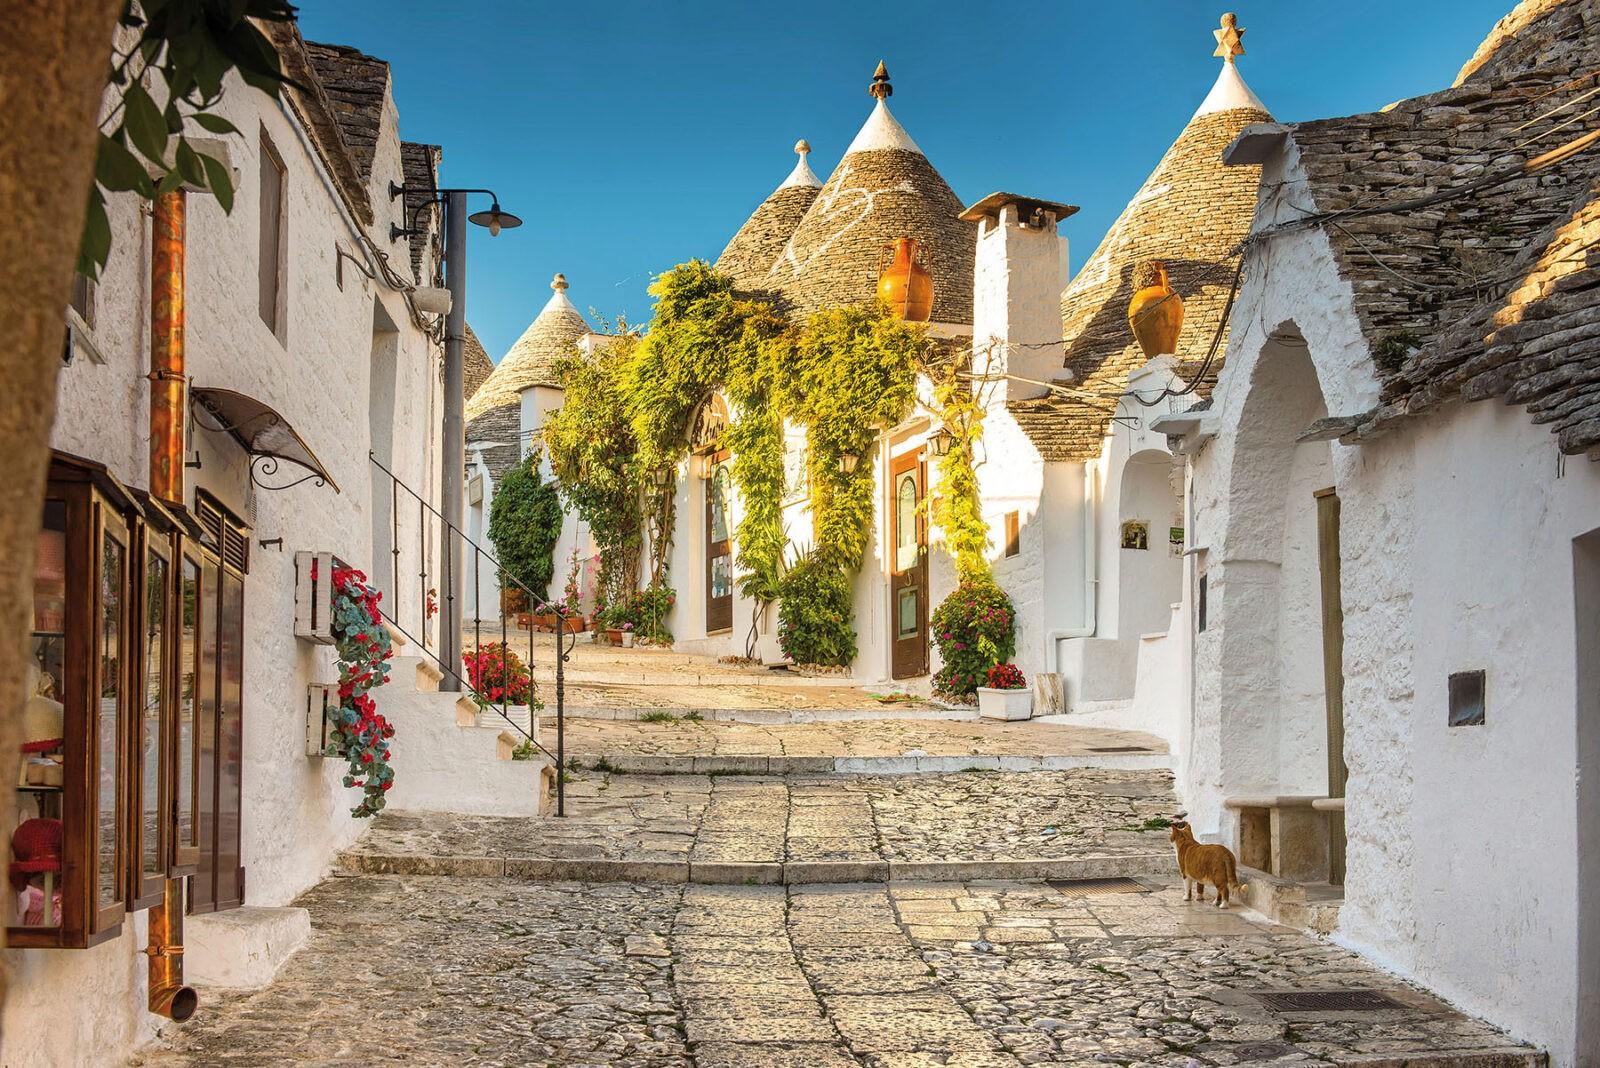 Apulien - eine authentische Region im wechselvollen maritimen Licht- und Farbenspiel